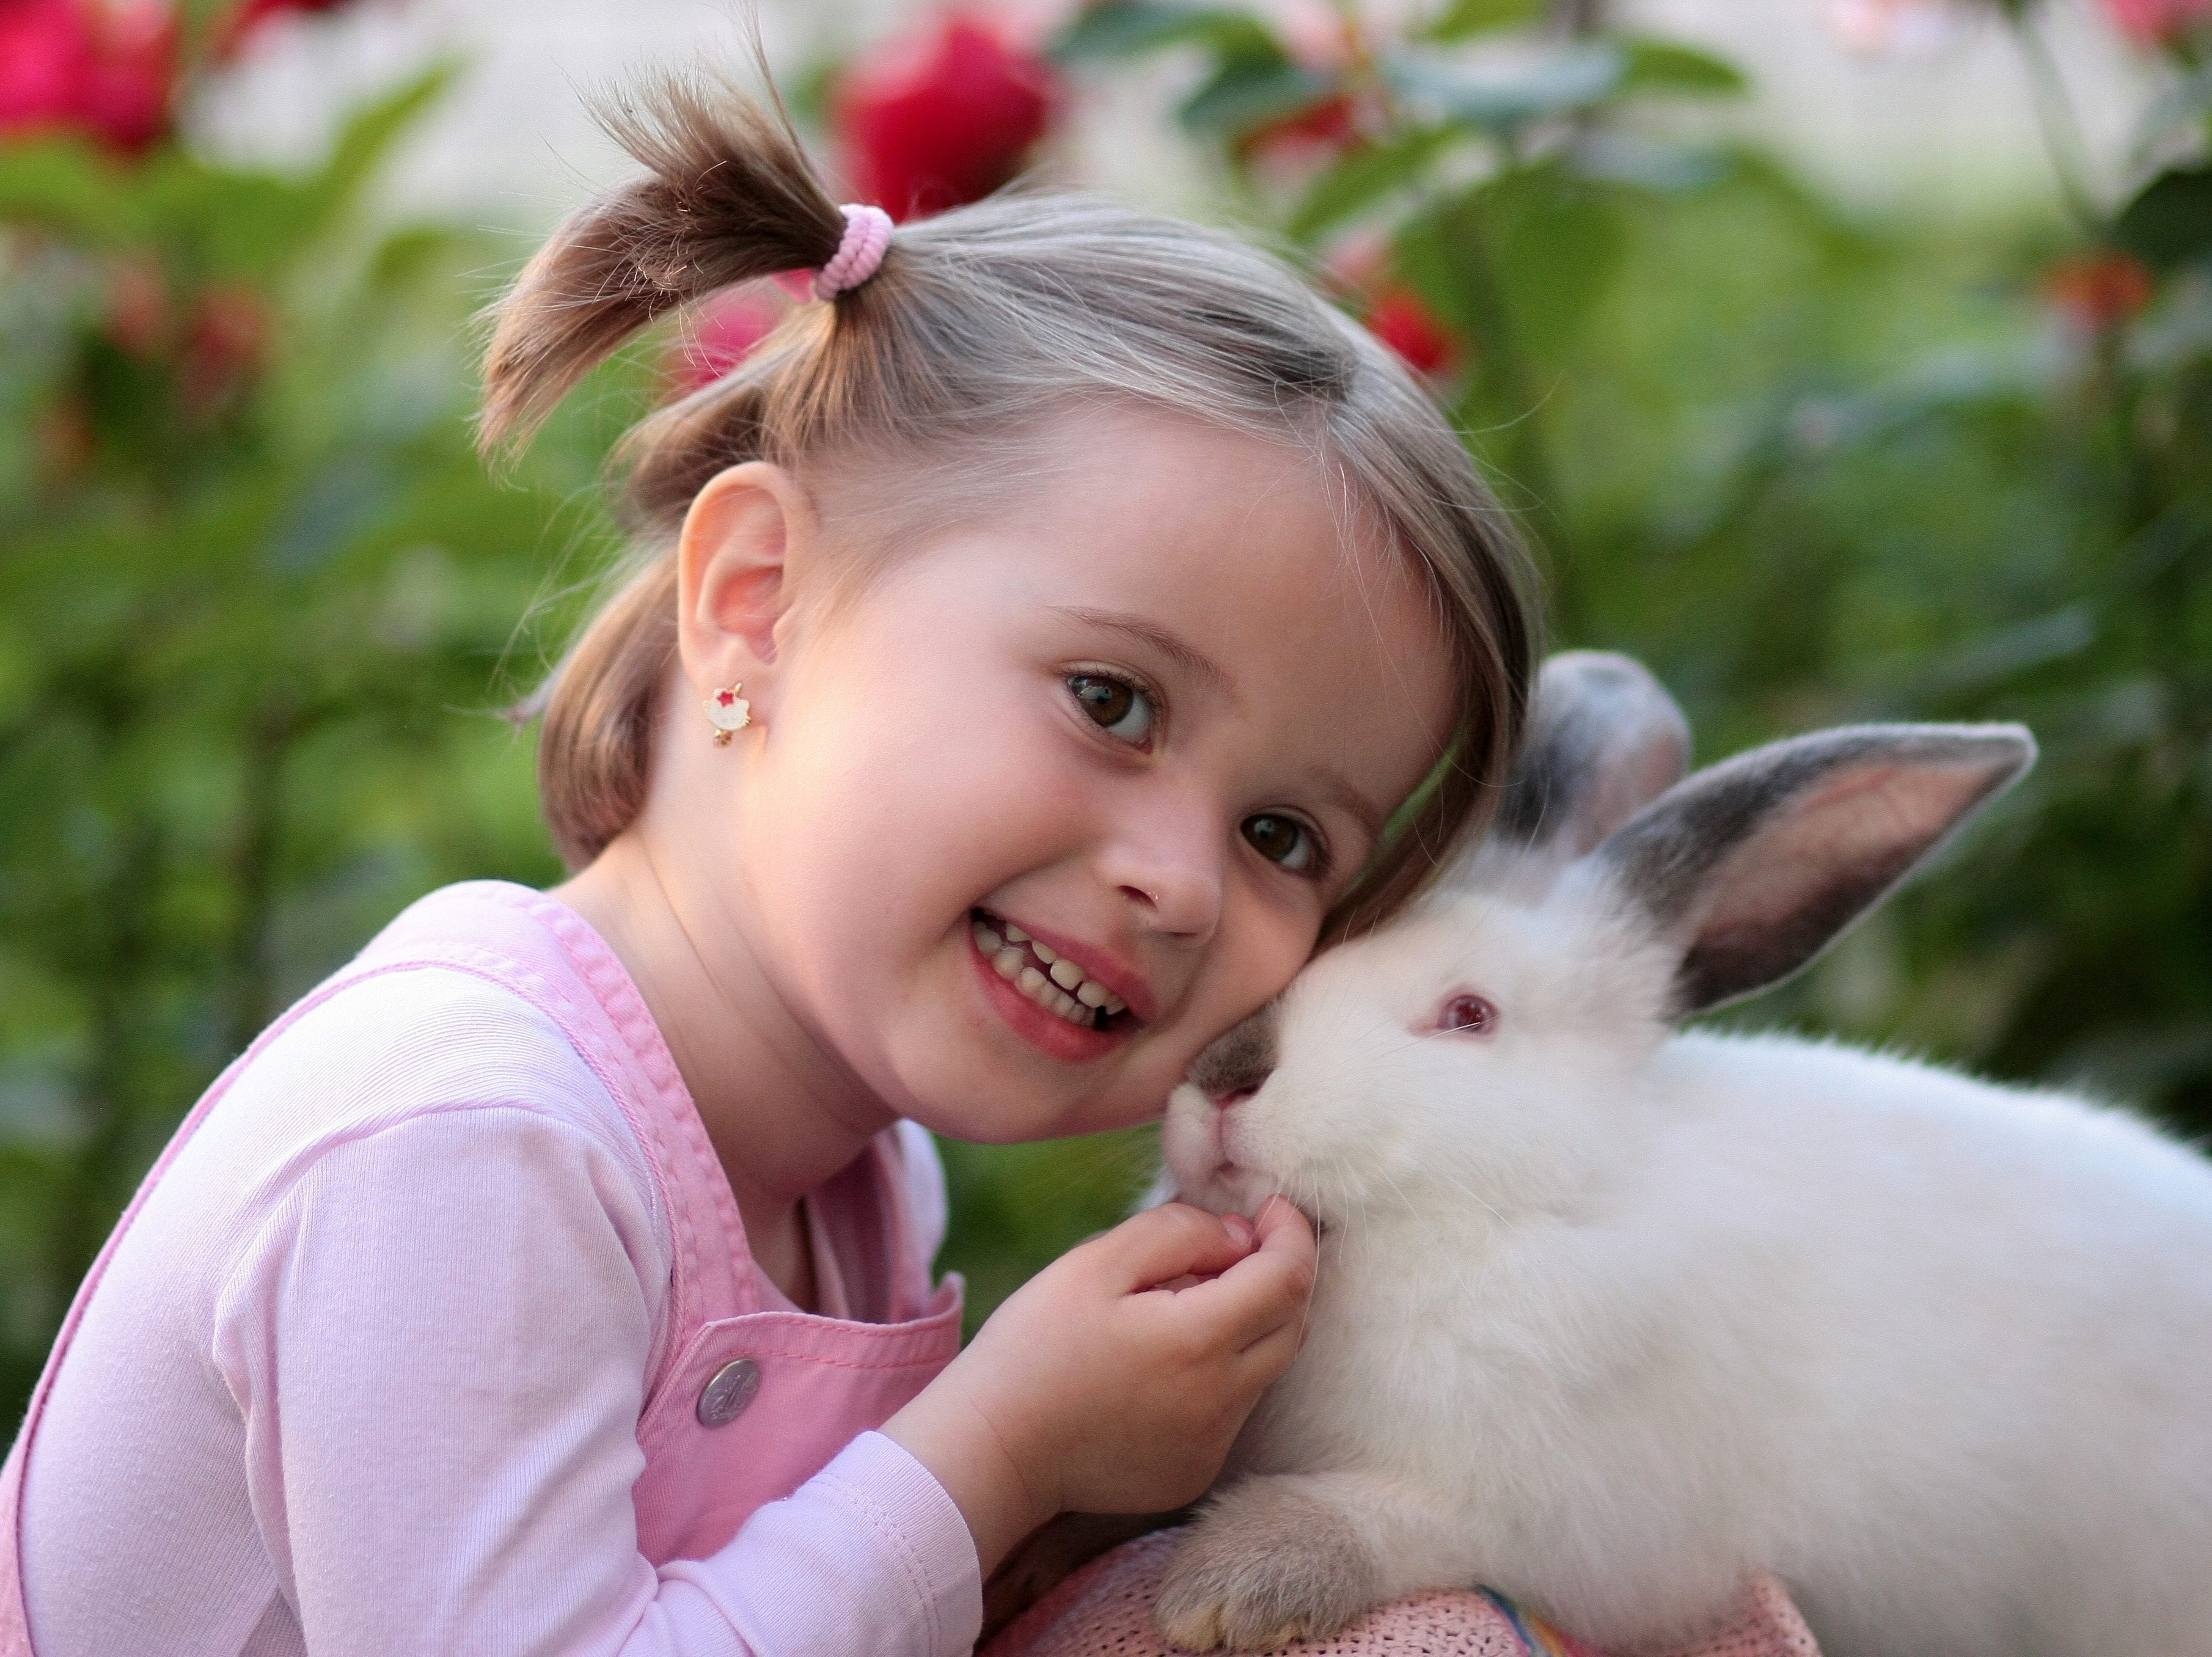 girl-holding-white-rabbit-during-daytime-160933